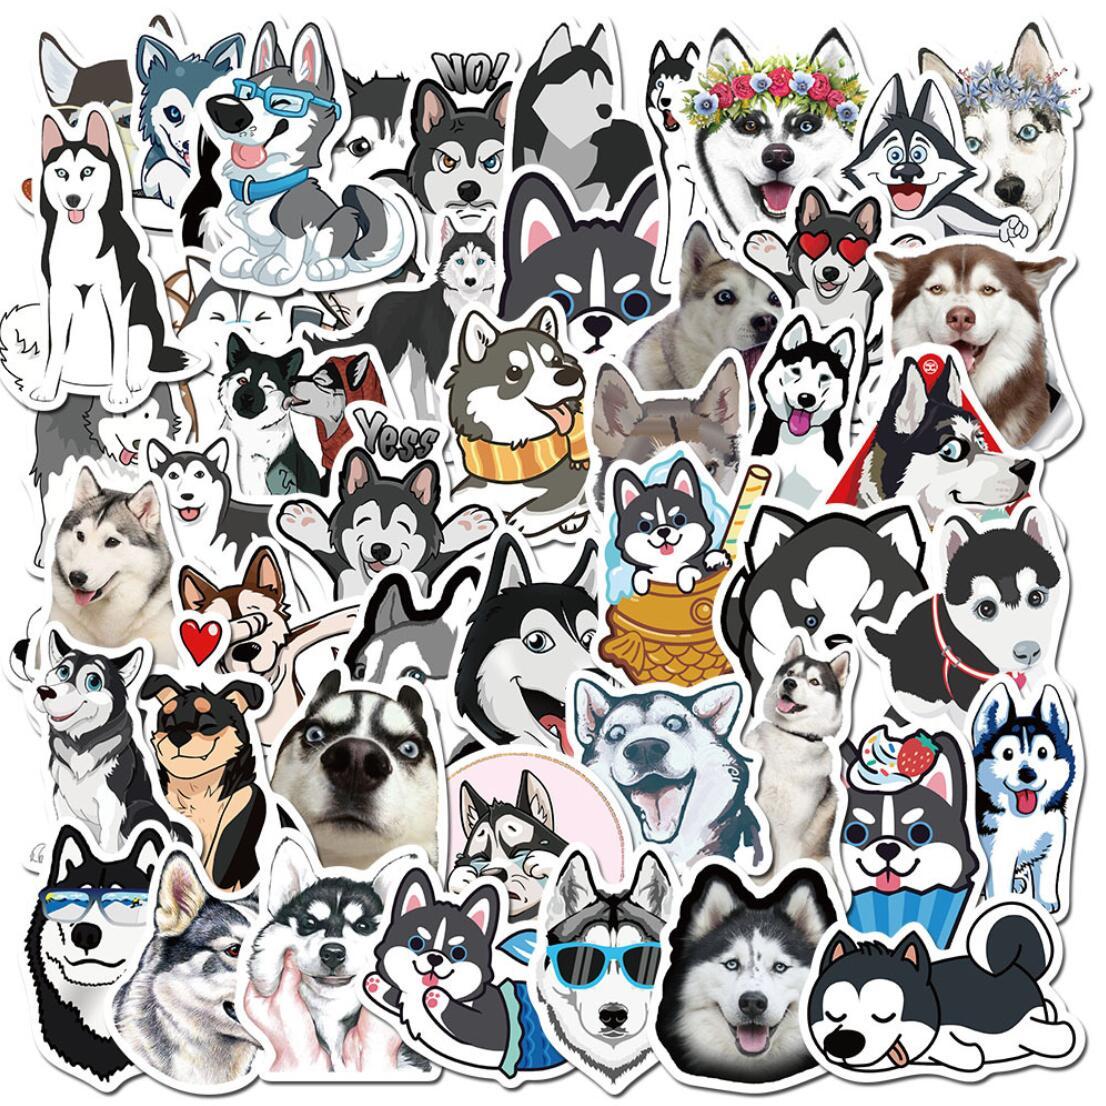 50 шт./компл. стильная футболка с изображением персонажей видеоигр Хаски Косплей Shiba Собака ПВХ водонепроницаемые канцелярские принадлежнос...